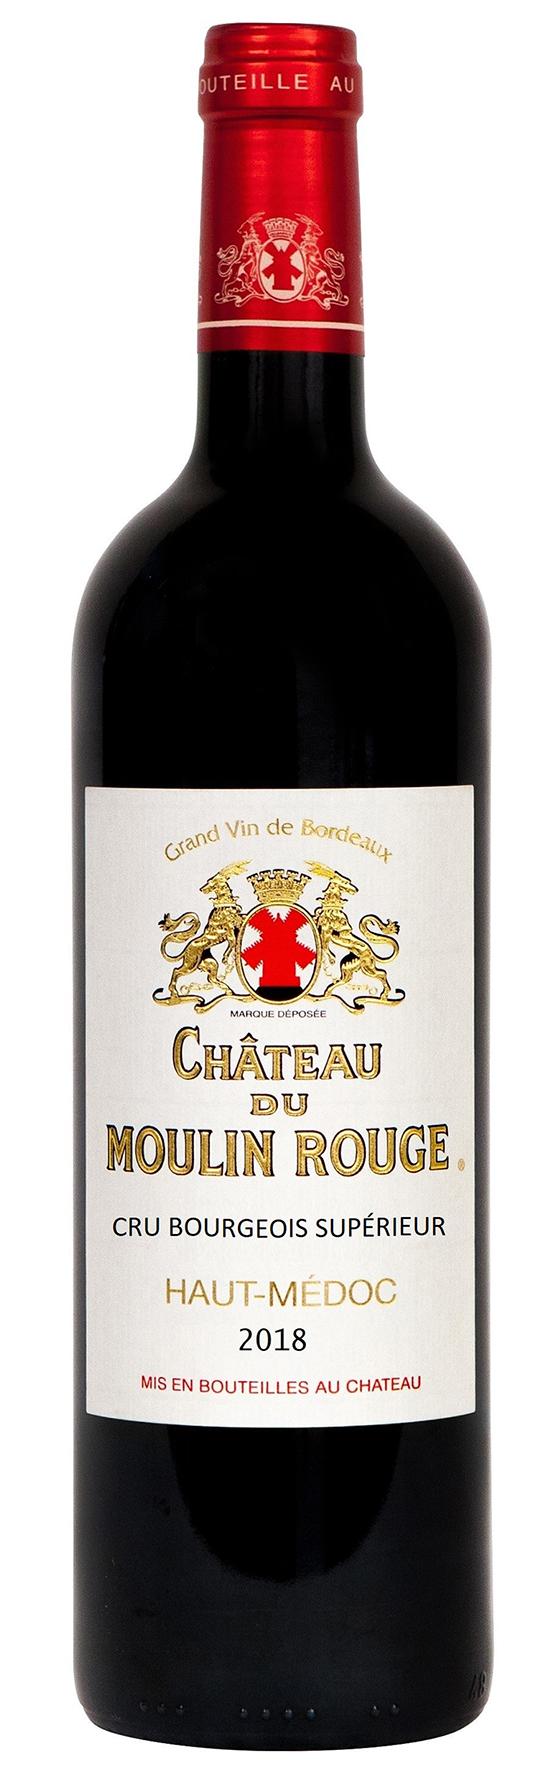 Chateau Du Moulin Rouge Cru Bourgeois Supèrieur 2018